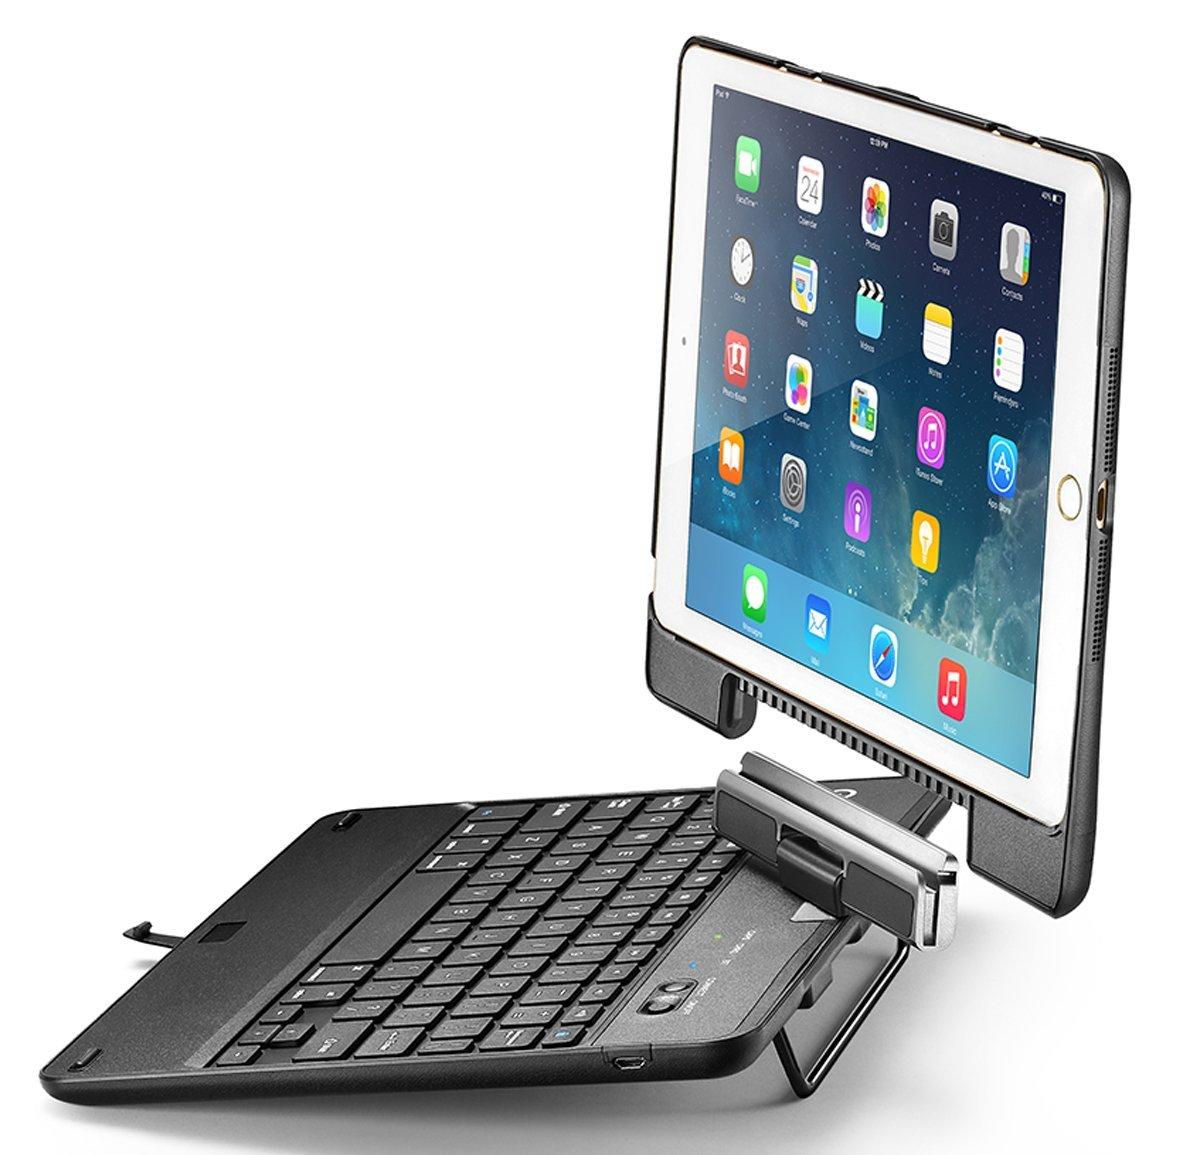 The Best iPad Keyboards 2021 - Keyboard Queen